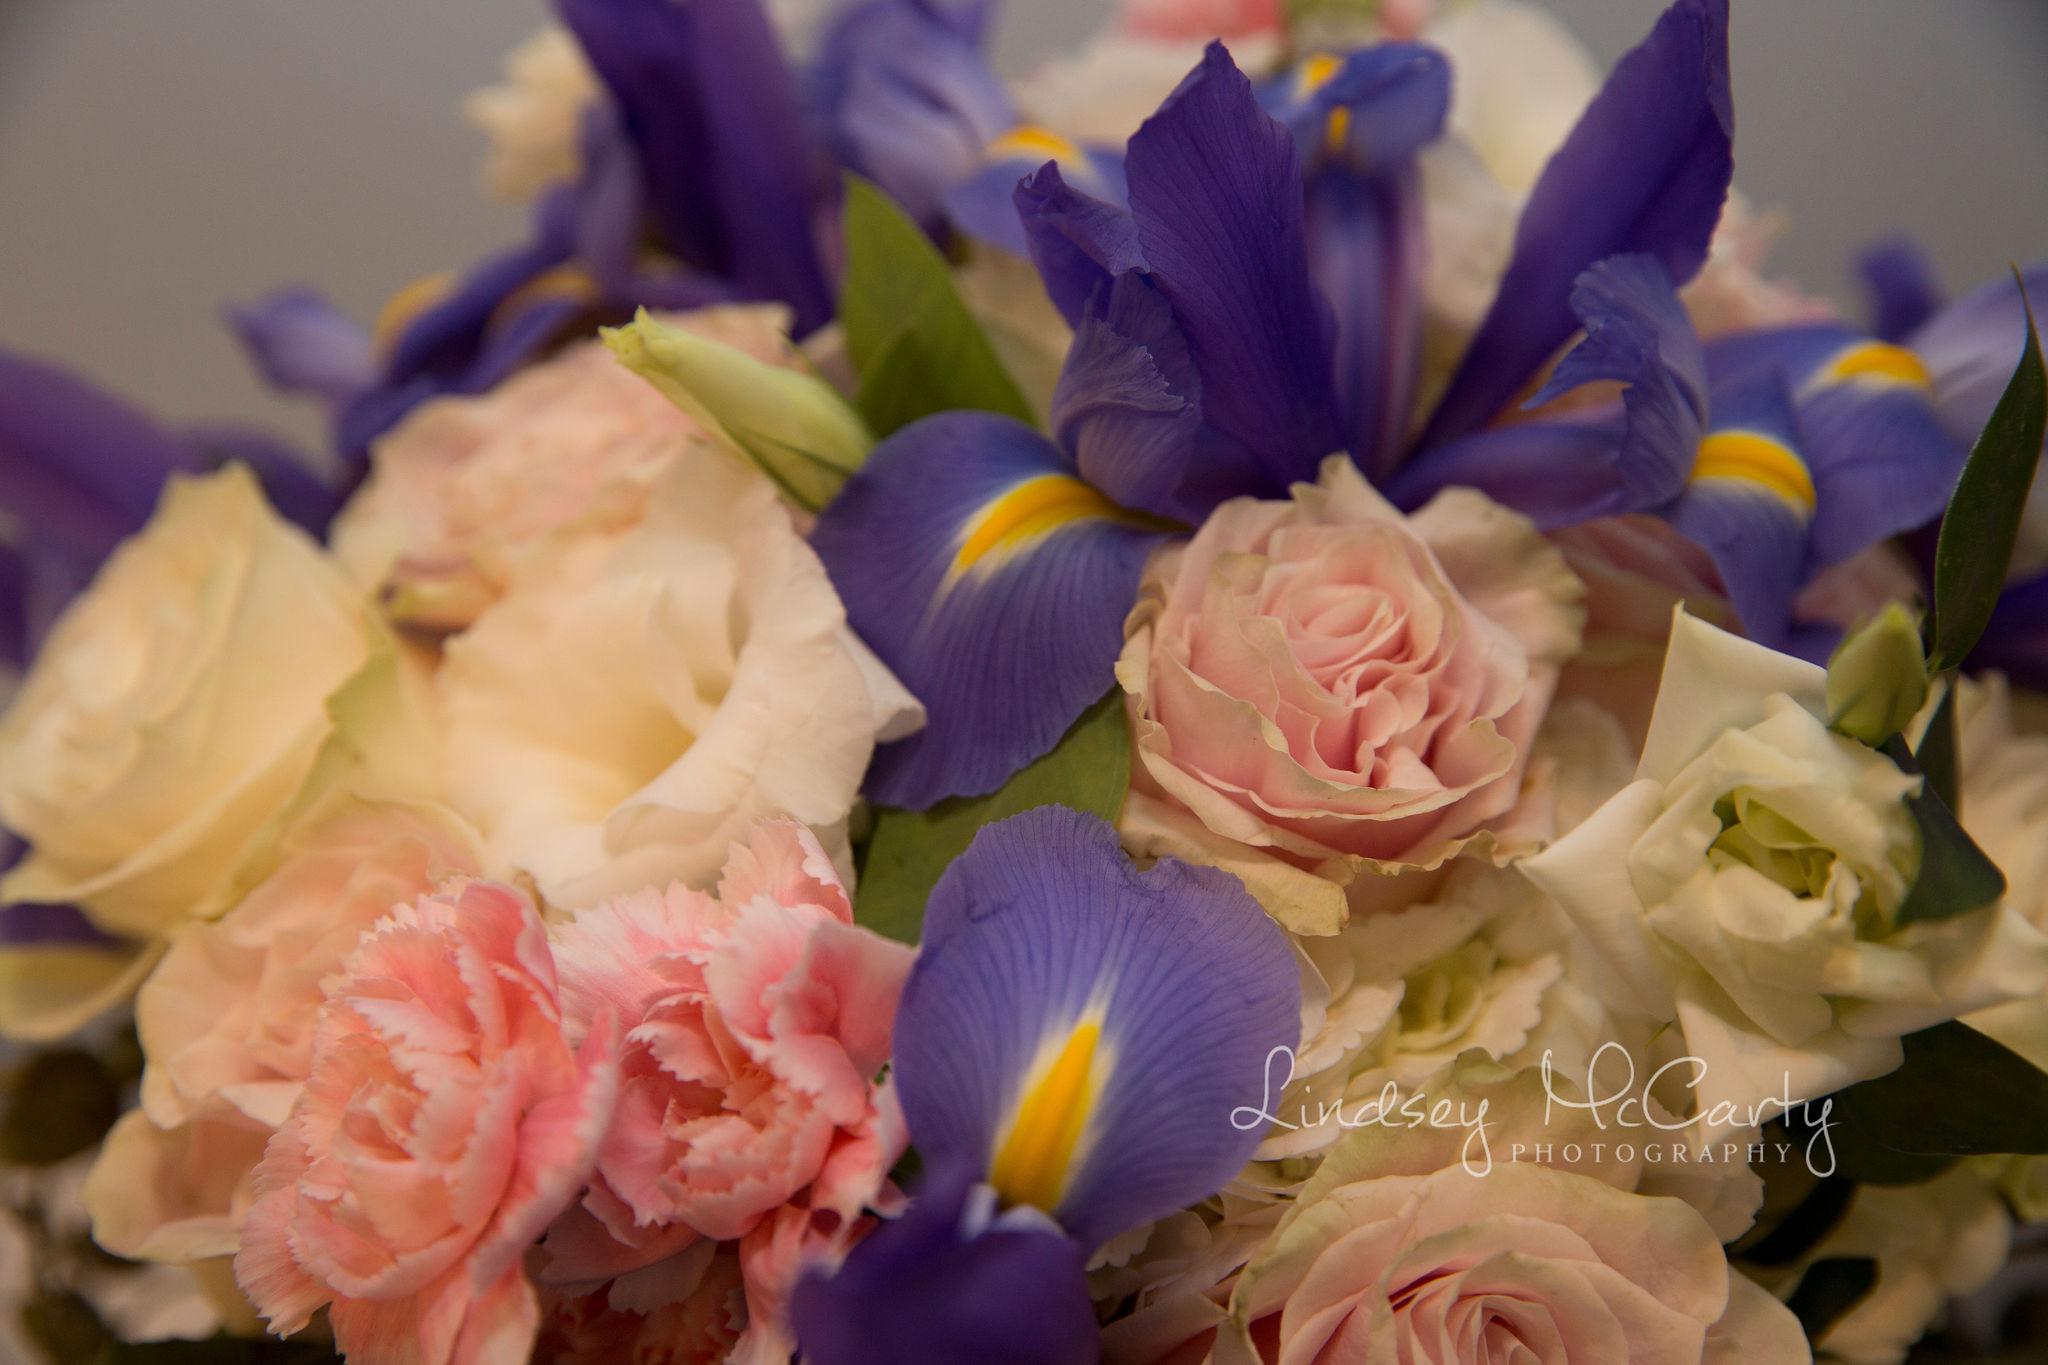 Lindsey McCarty Photography | Roanoke wedding photography | Vinton wedding photography | Virginia wedding photography